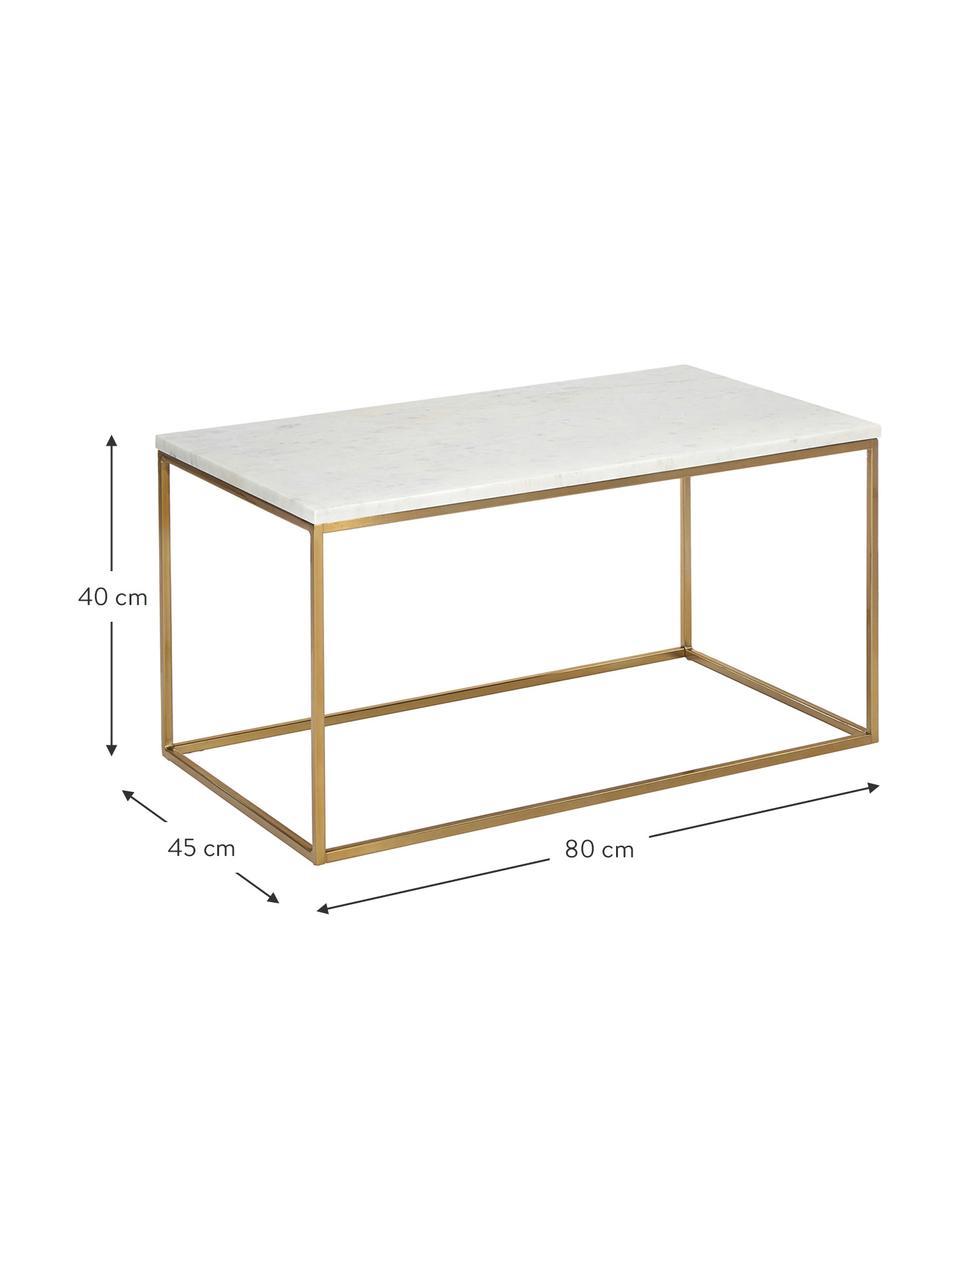 Marmeren salontafel Alys, Tafelblad: marmer, Frame: gepoedercoat metaal, Tafelblad: wit-grijs marmer. Frame: glanzend goudkleurig, 80 x 40 cm